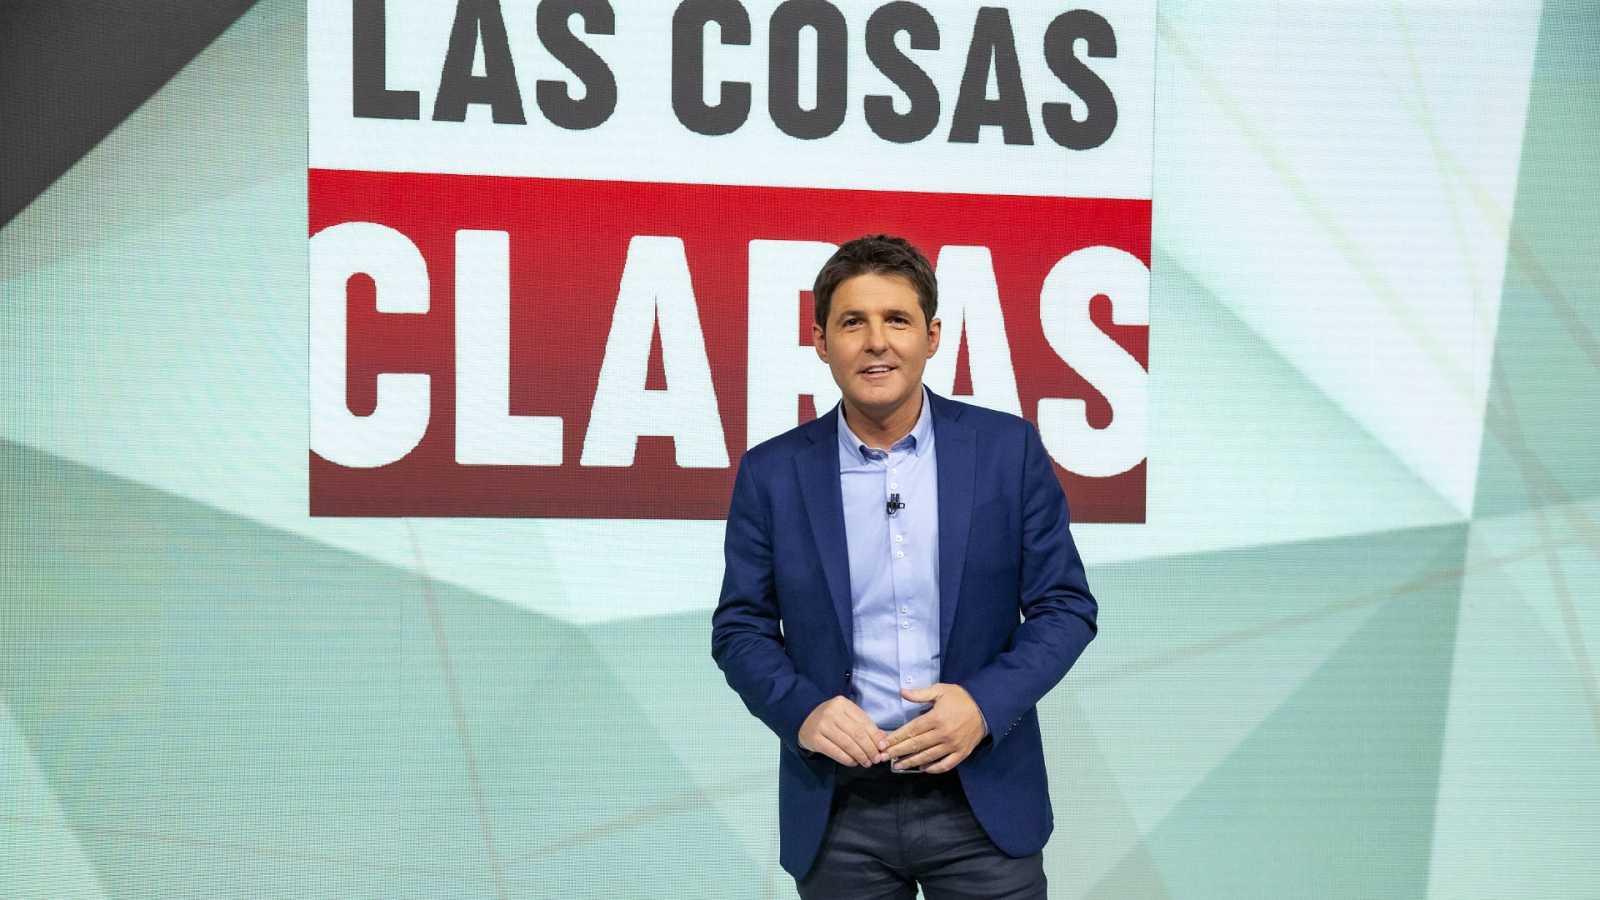 El conductor de 'Las cosas claras', Jesús Cintora, en la primera edición del programa en La 1 de TVE, el 16 de noviembre de 2020 | RTVE/Archivo